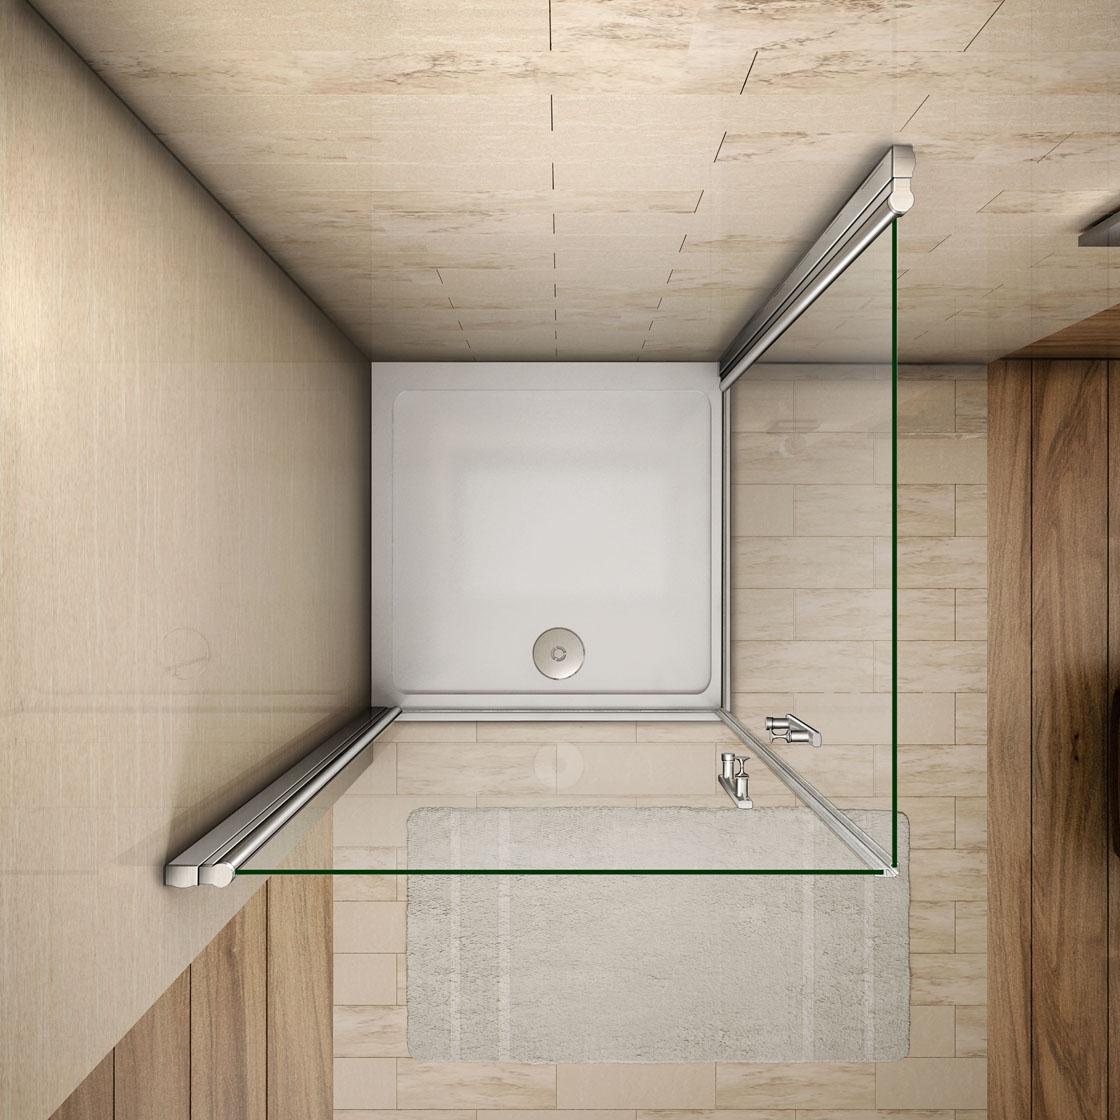 duschkabine duschabtrennung eckeinstieg 180 2xschwingt r. Black Bedroom Furniture Sets. Home Design Ideas